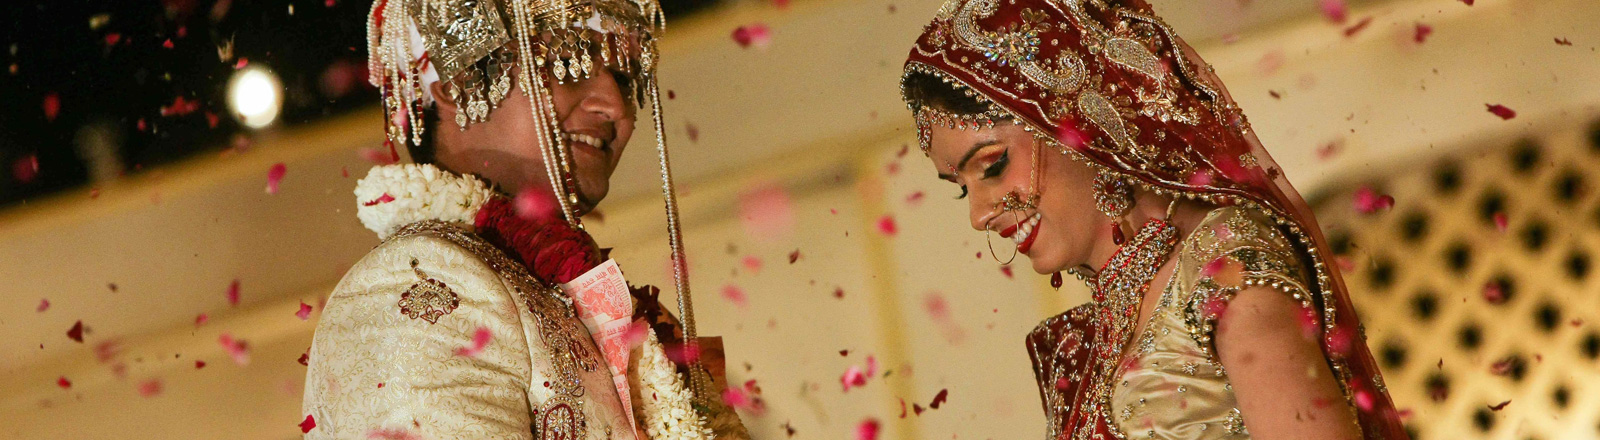 Ein indisches Brautpaar.